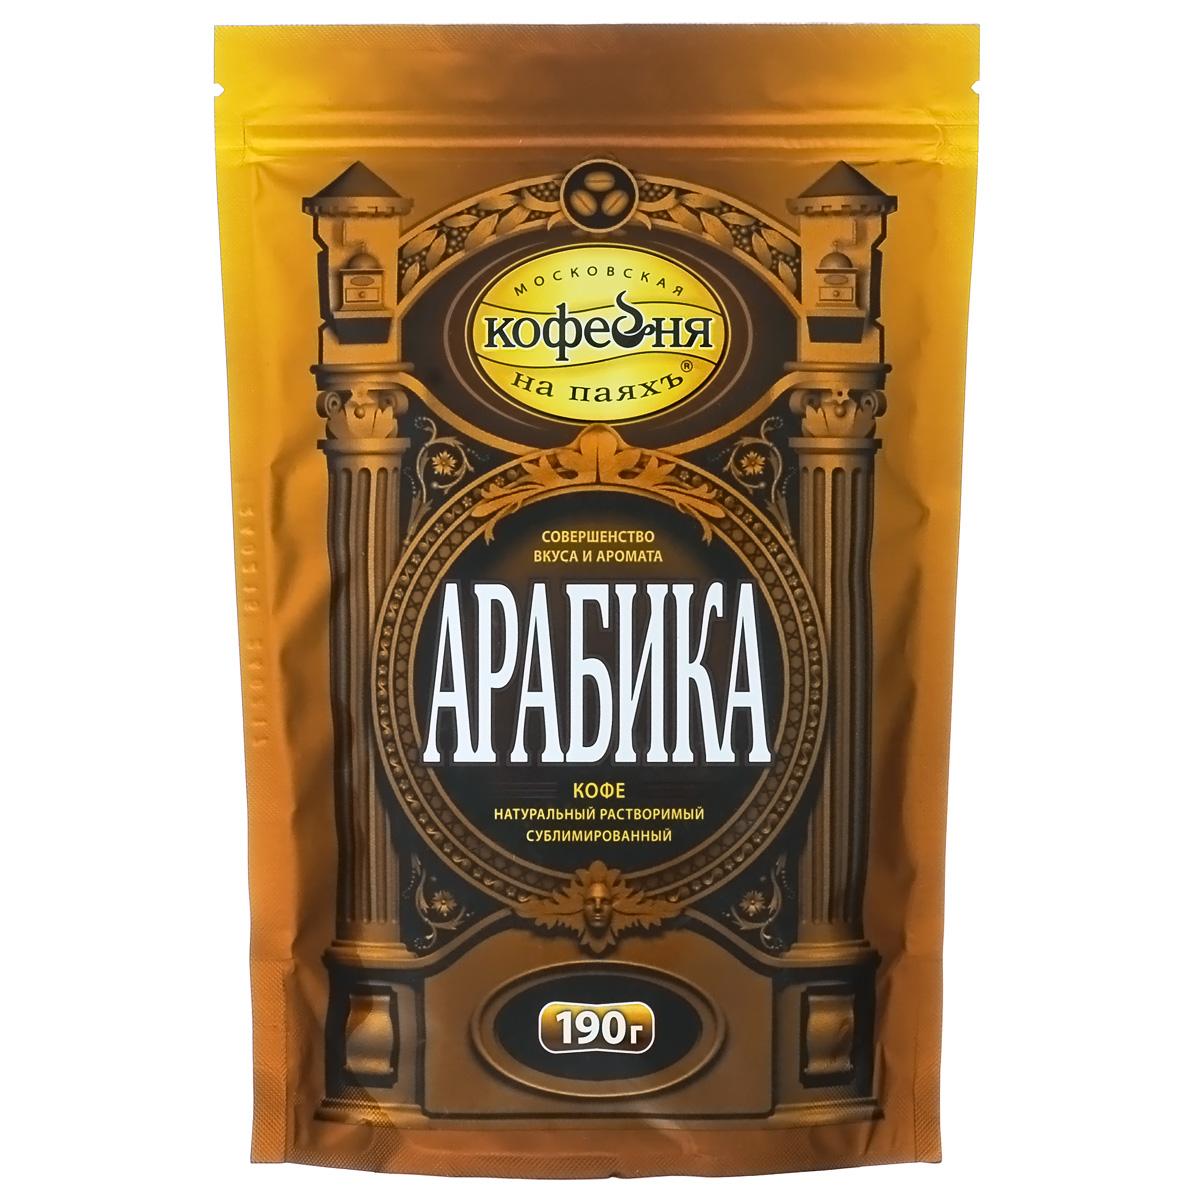 Московская кофейня на паяхъ Арабика кофе рaстворимый, пакет 190 г4601985003398